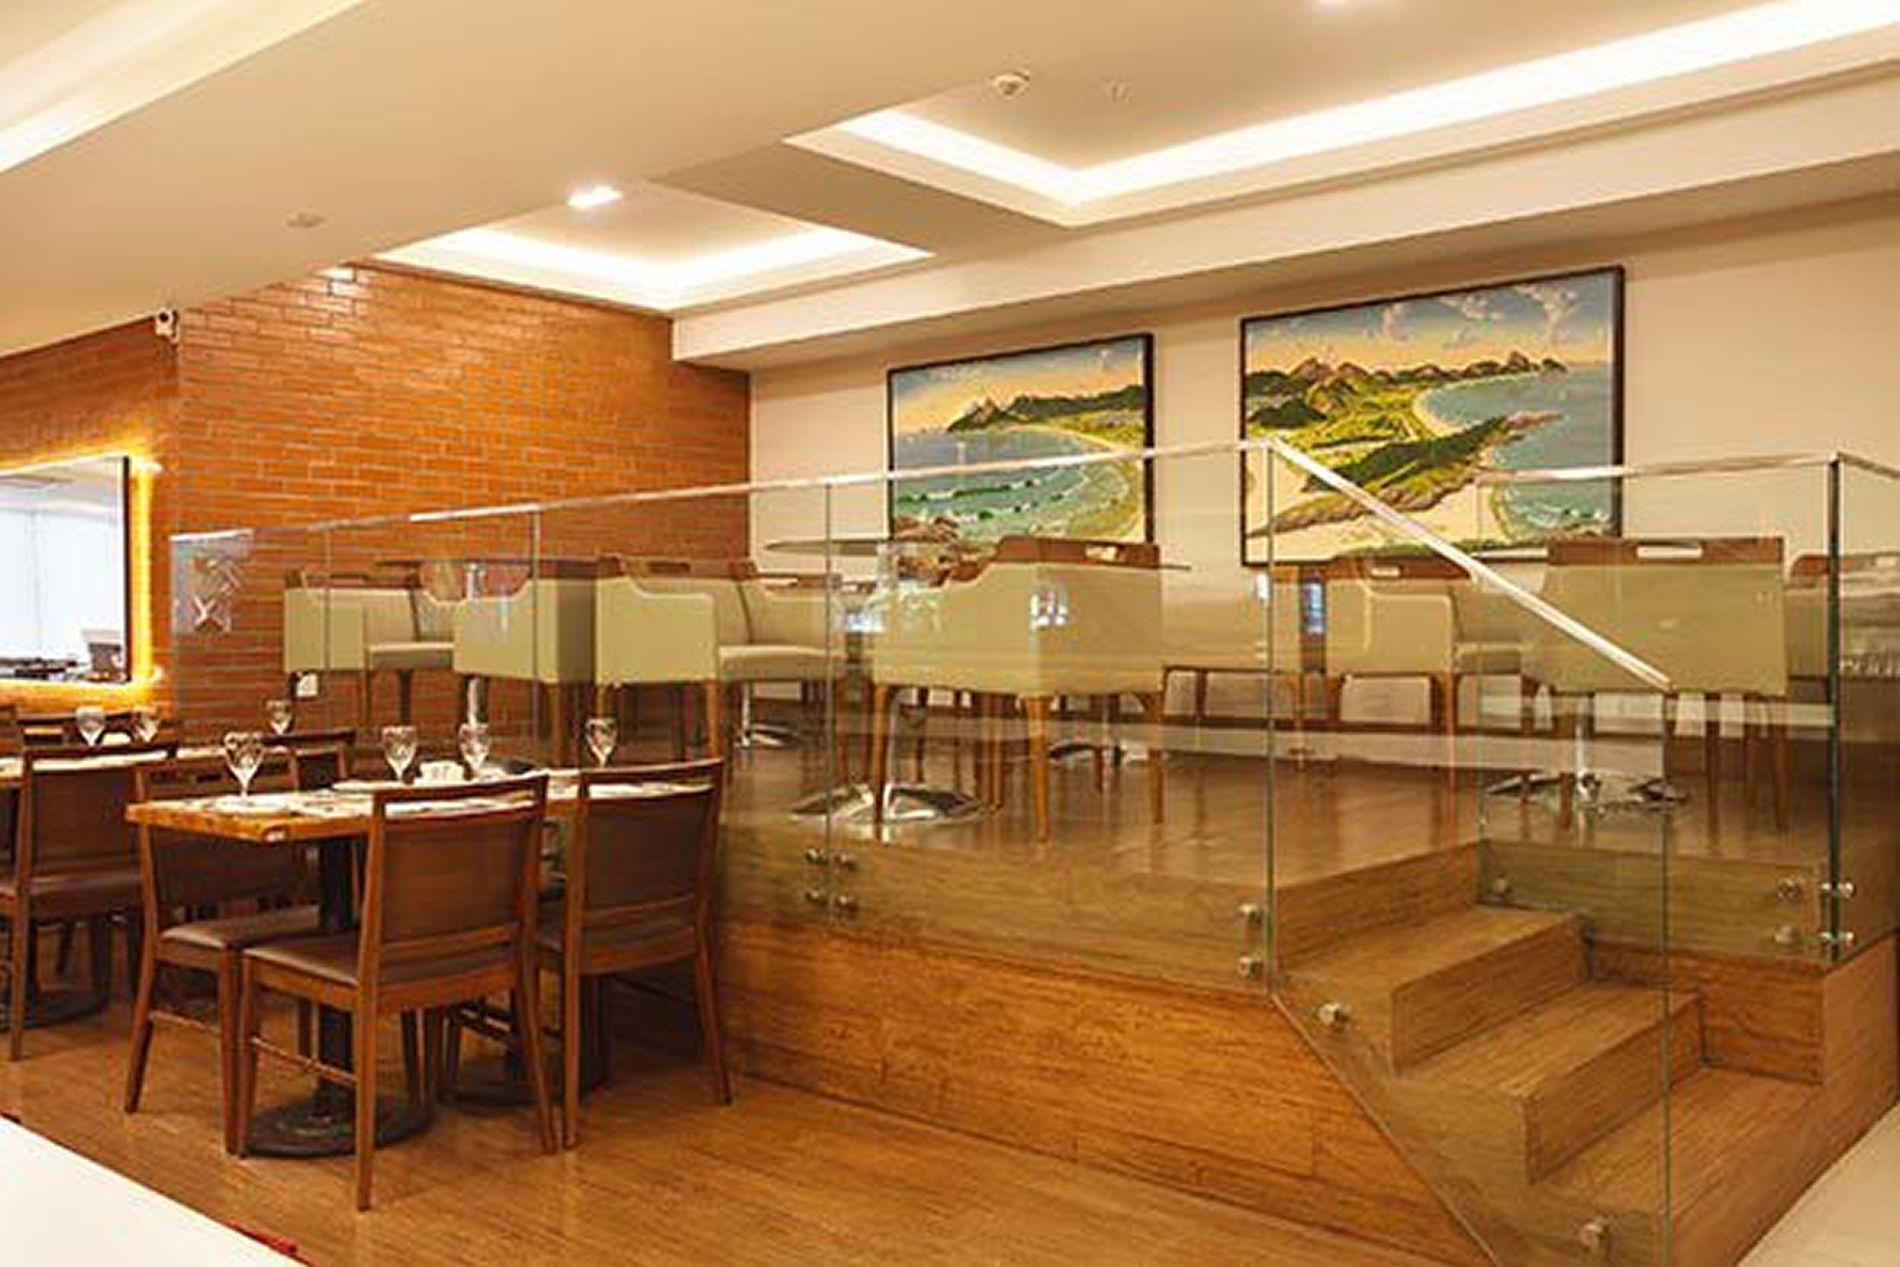 Projeto de Hotelaria Arquitetura de Restaurantes #B34E0E 1900 1267